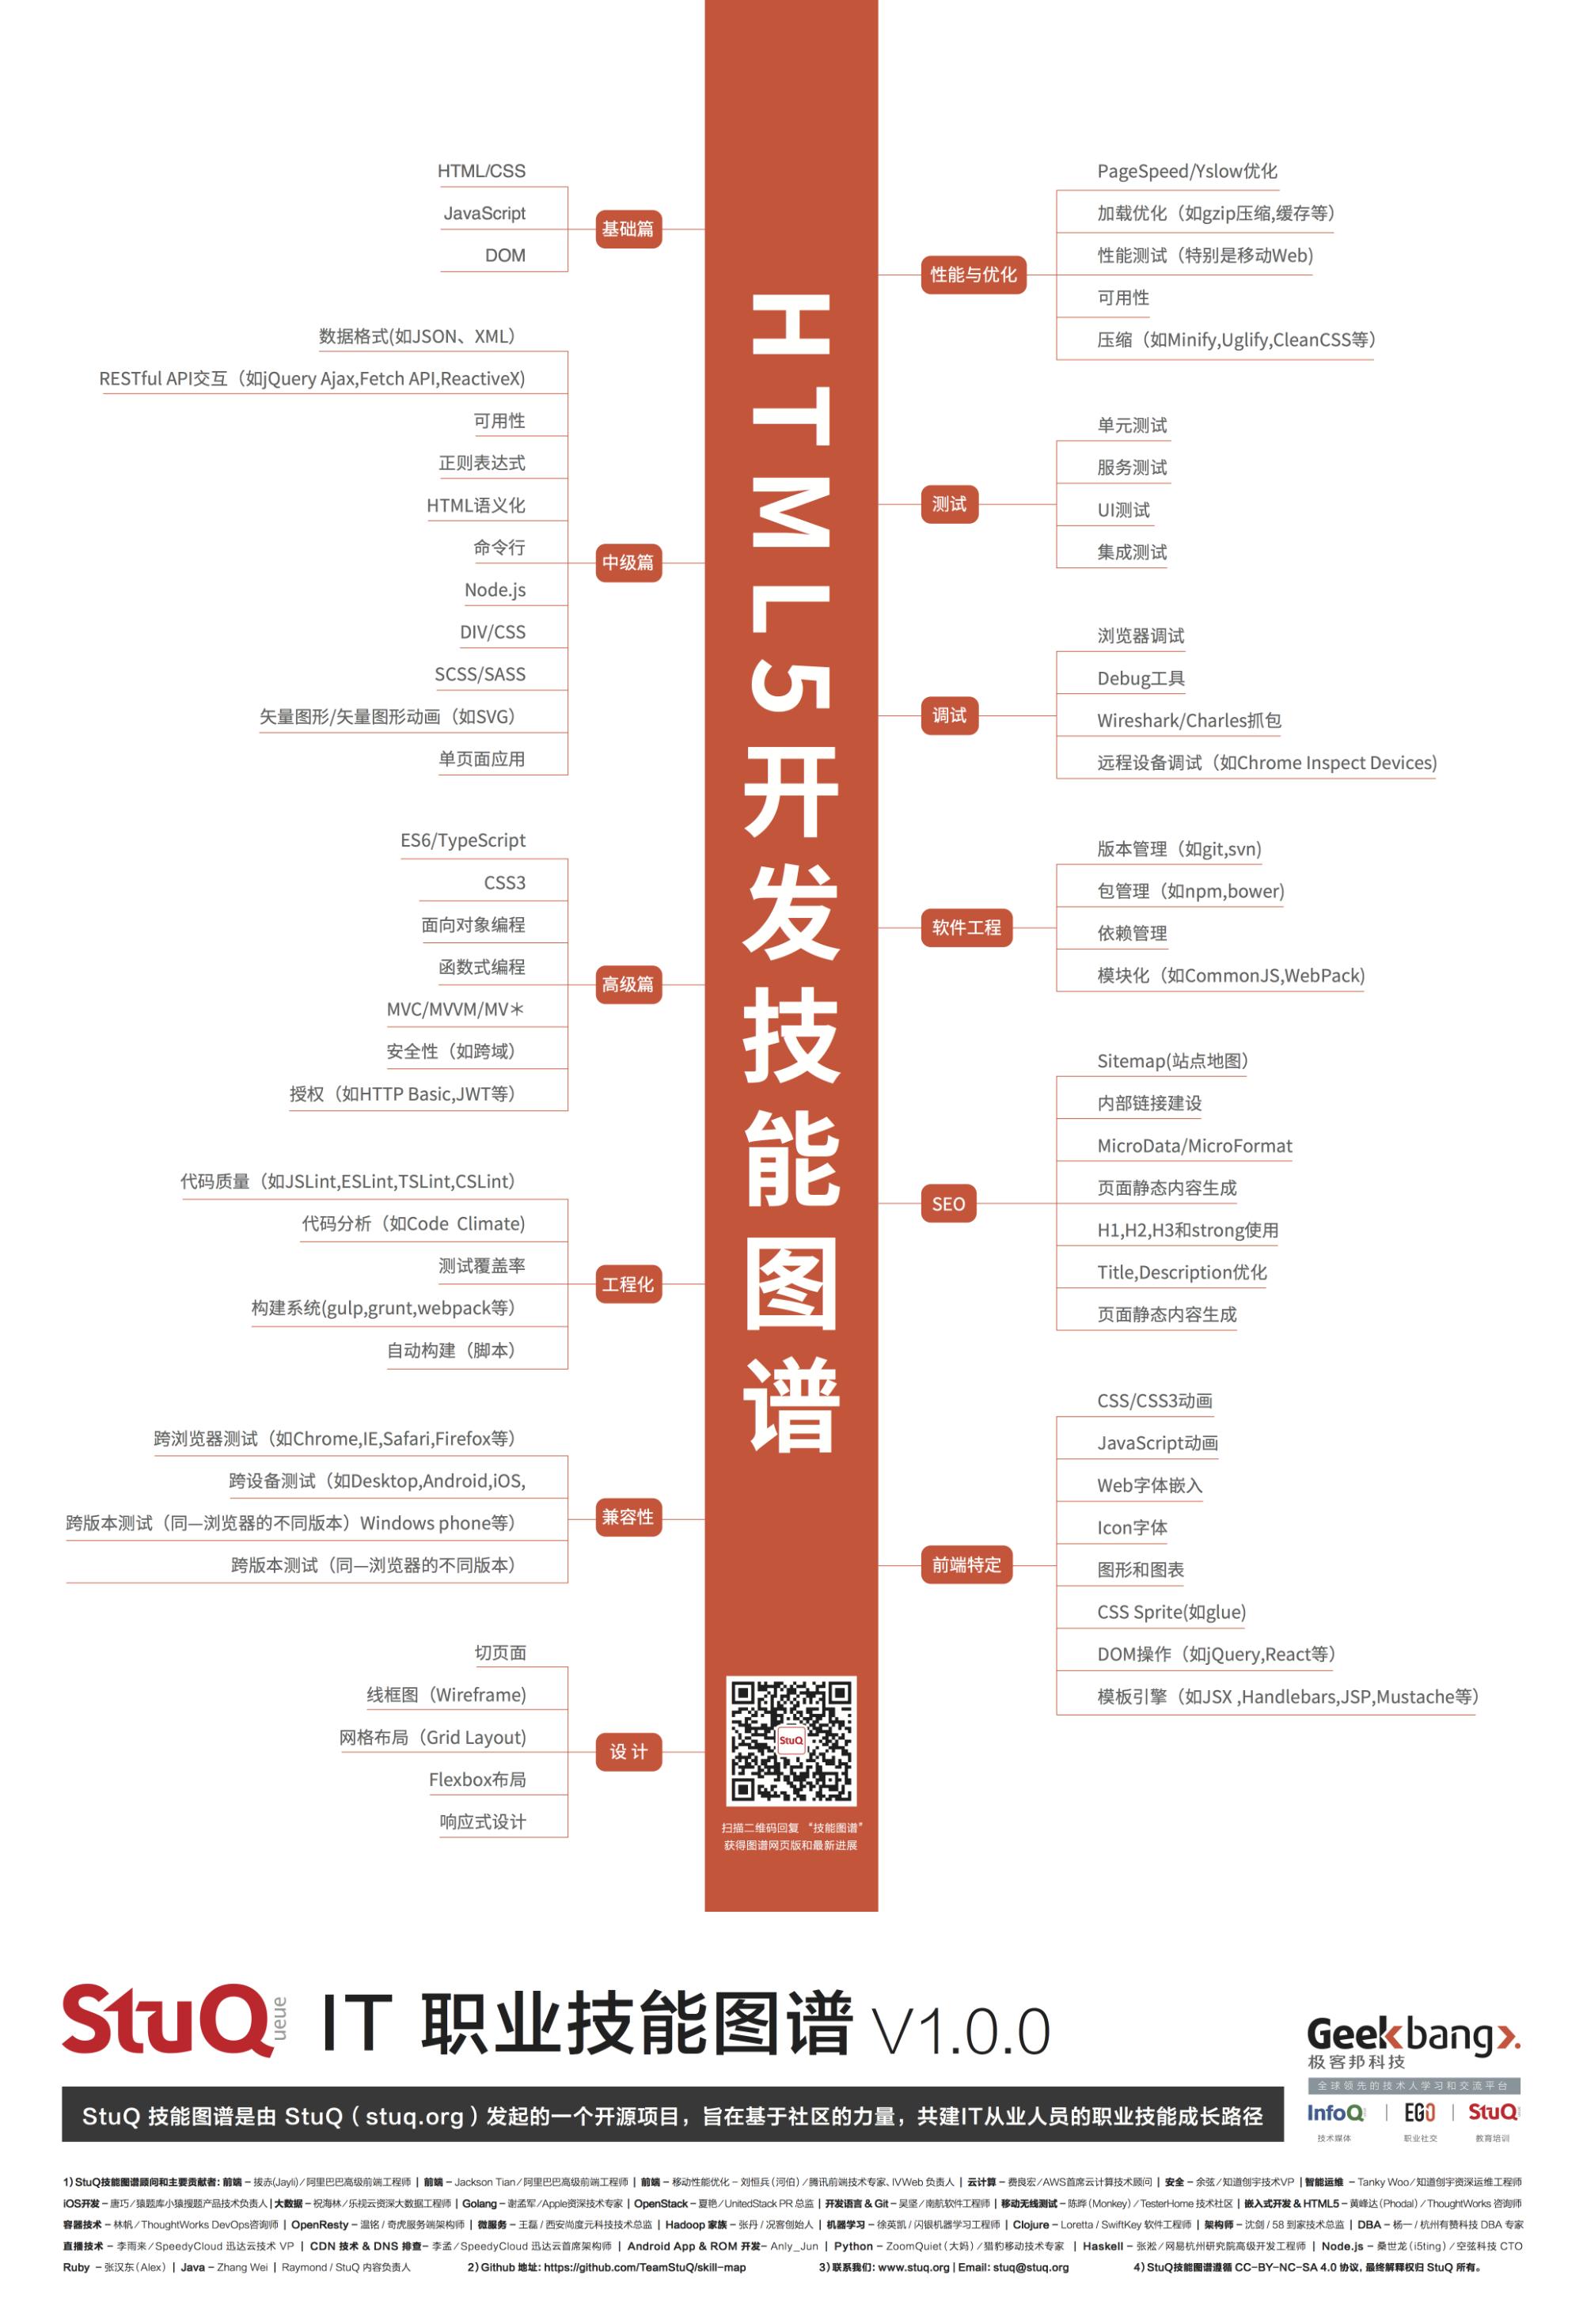 20181221_程序员技能图谱-HTML5开发-by-StuQ.png